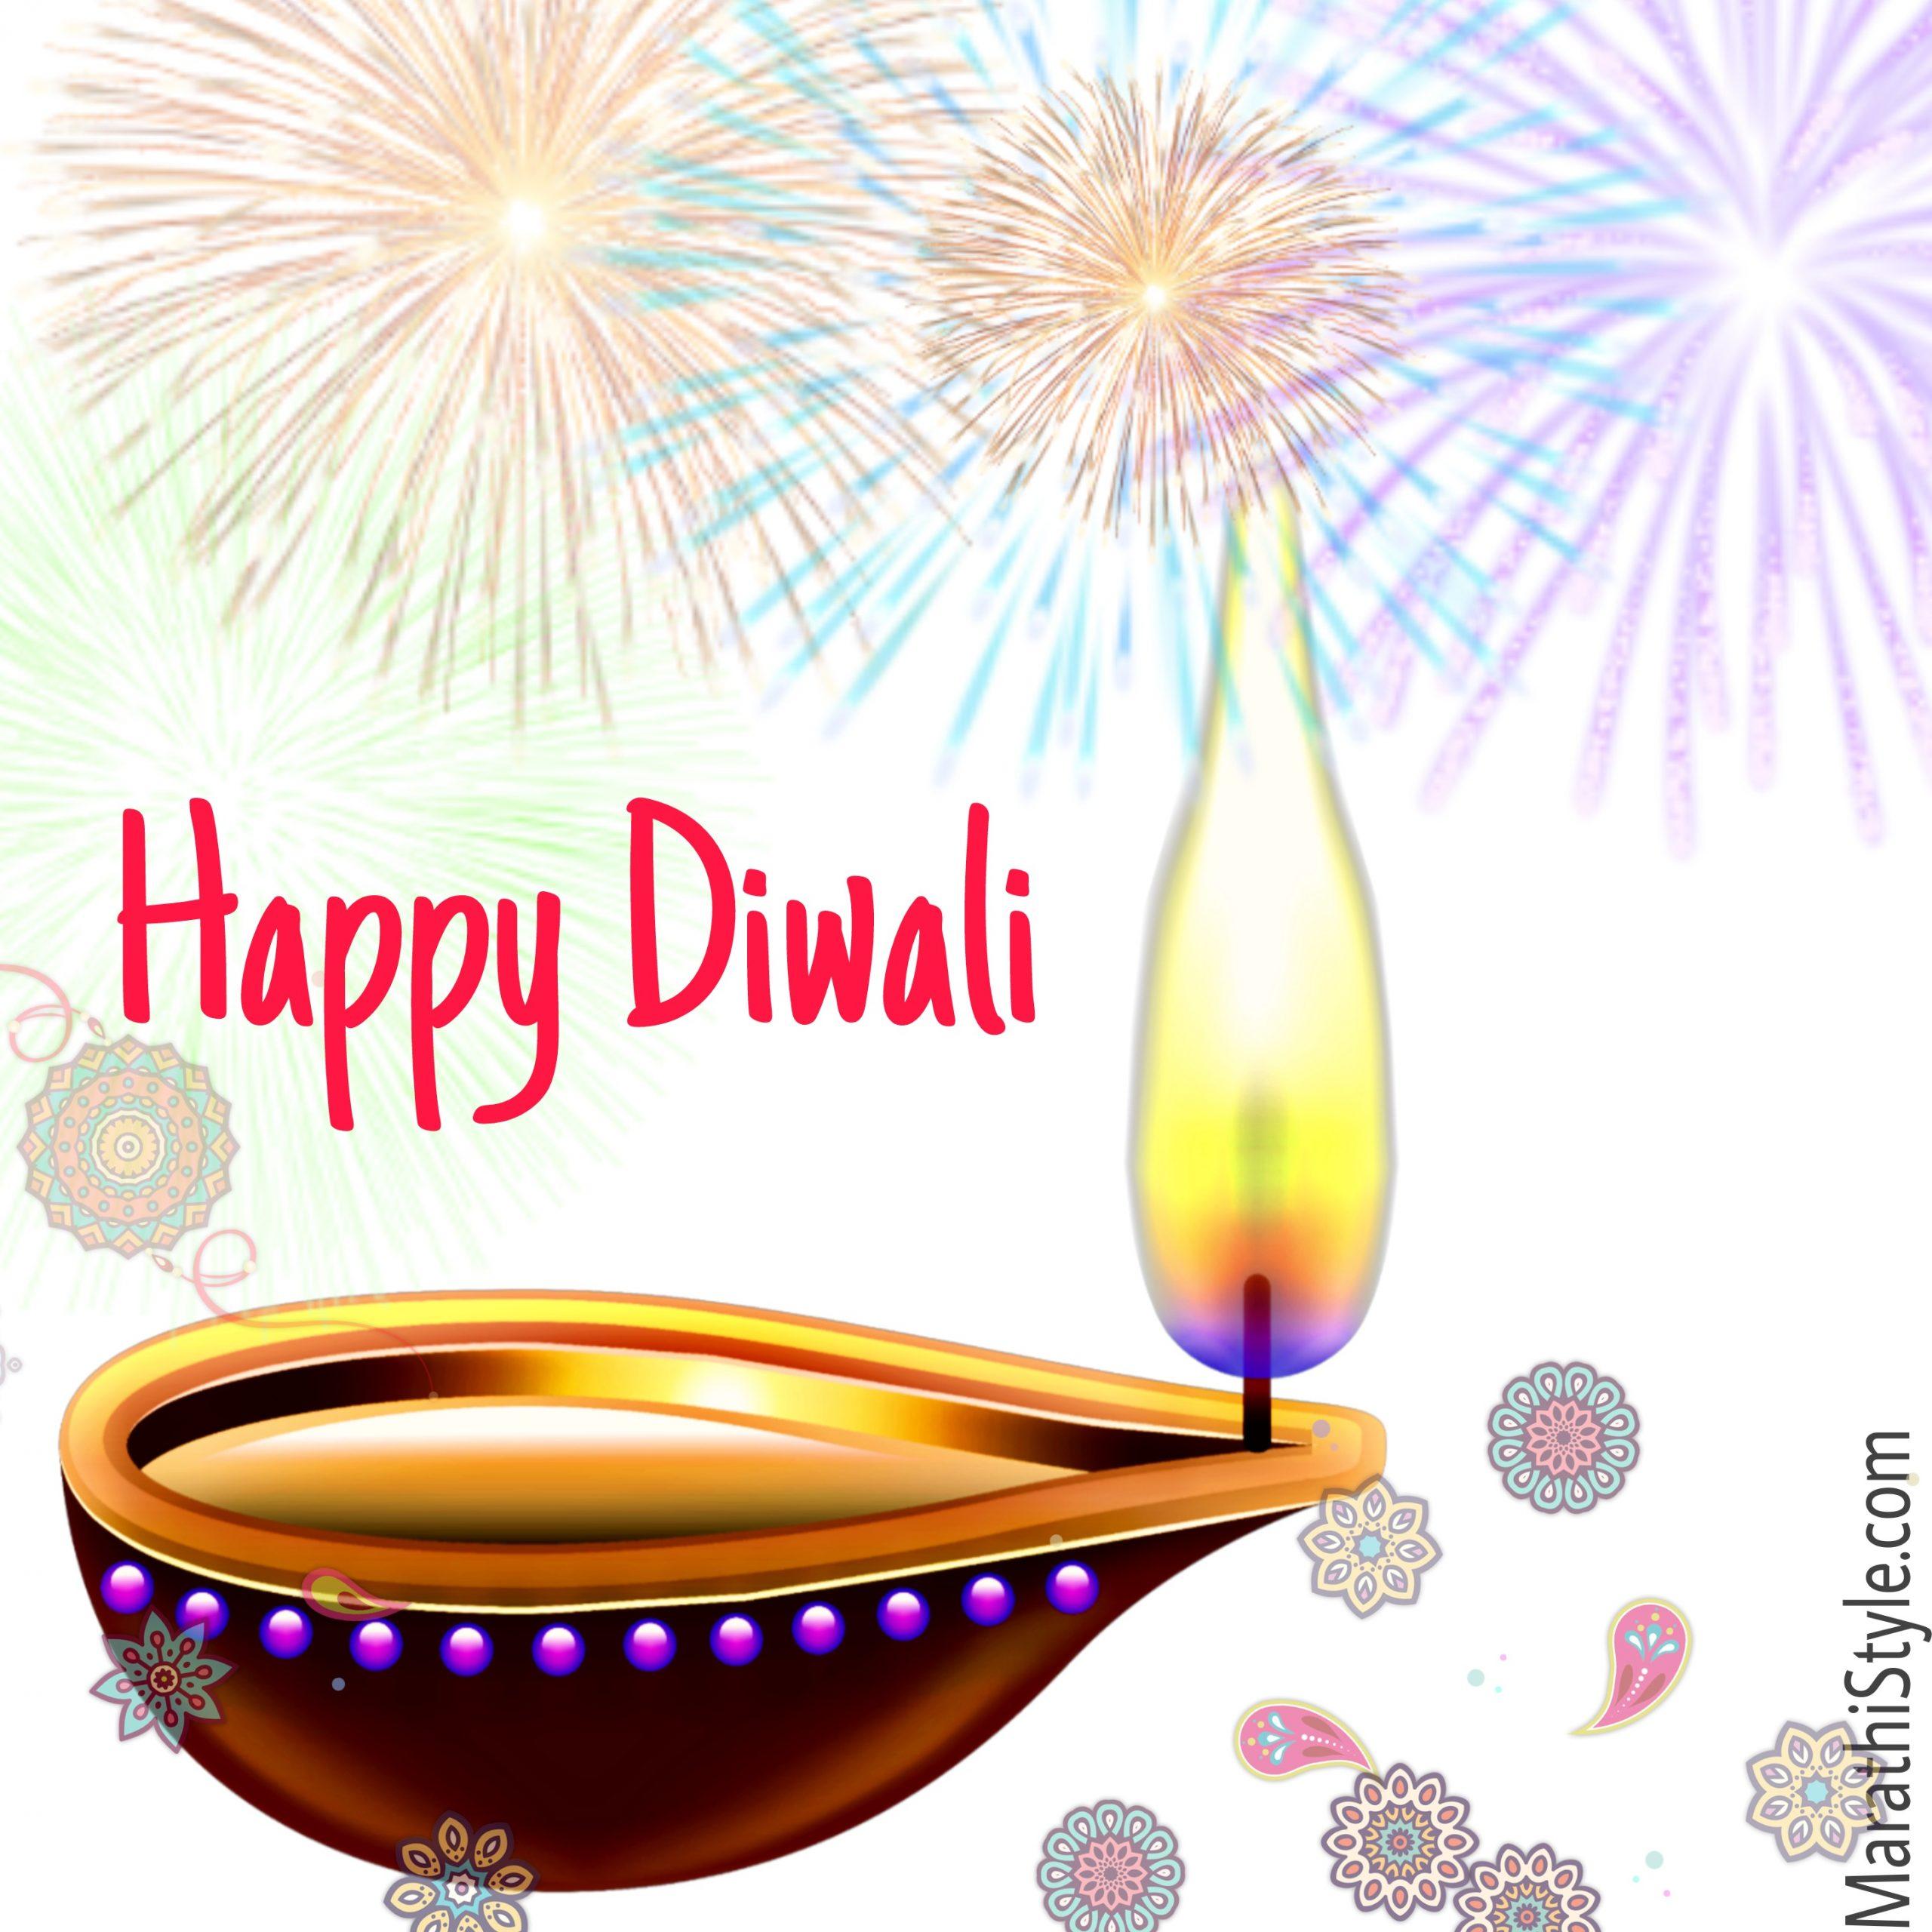 दिवाळी शुभेच्छा मराठीत शुभ दीपावली | Diwali Wishes In Marathi